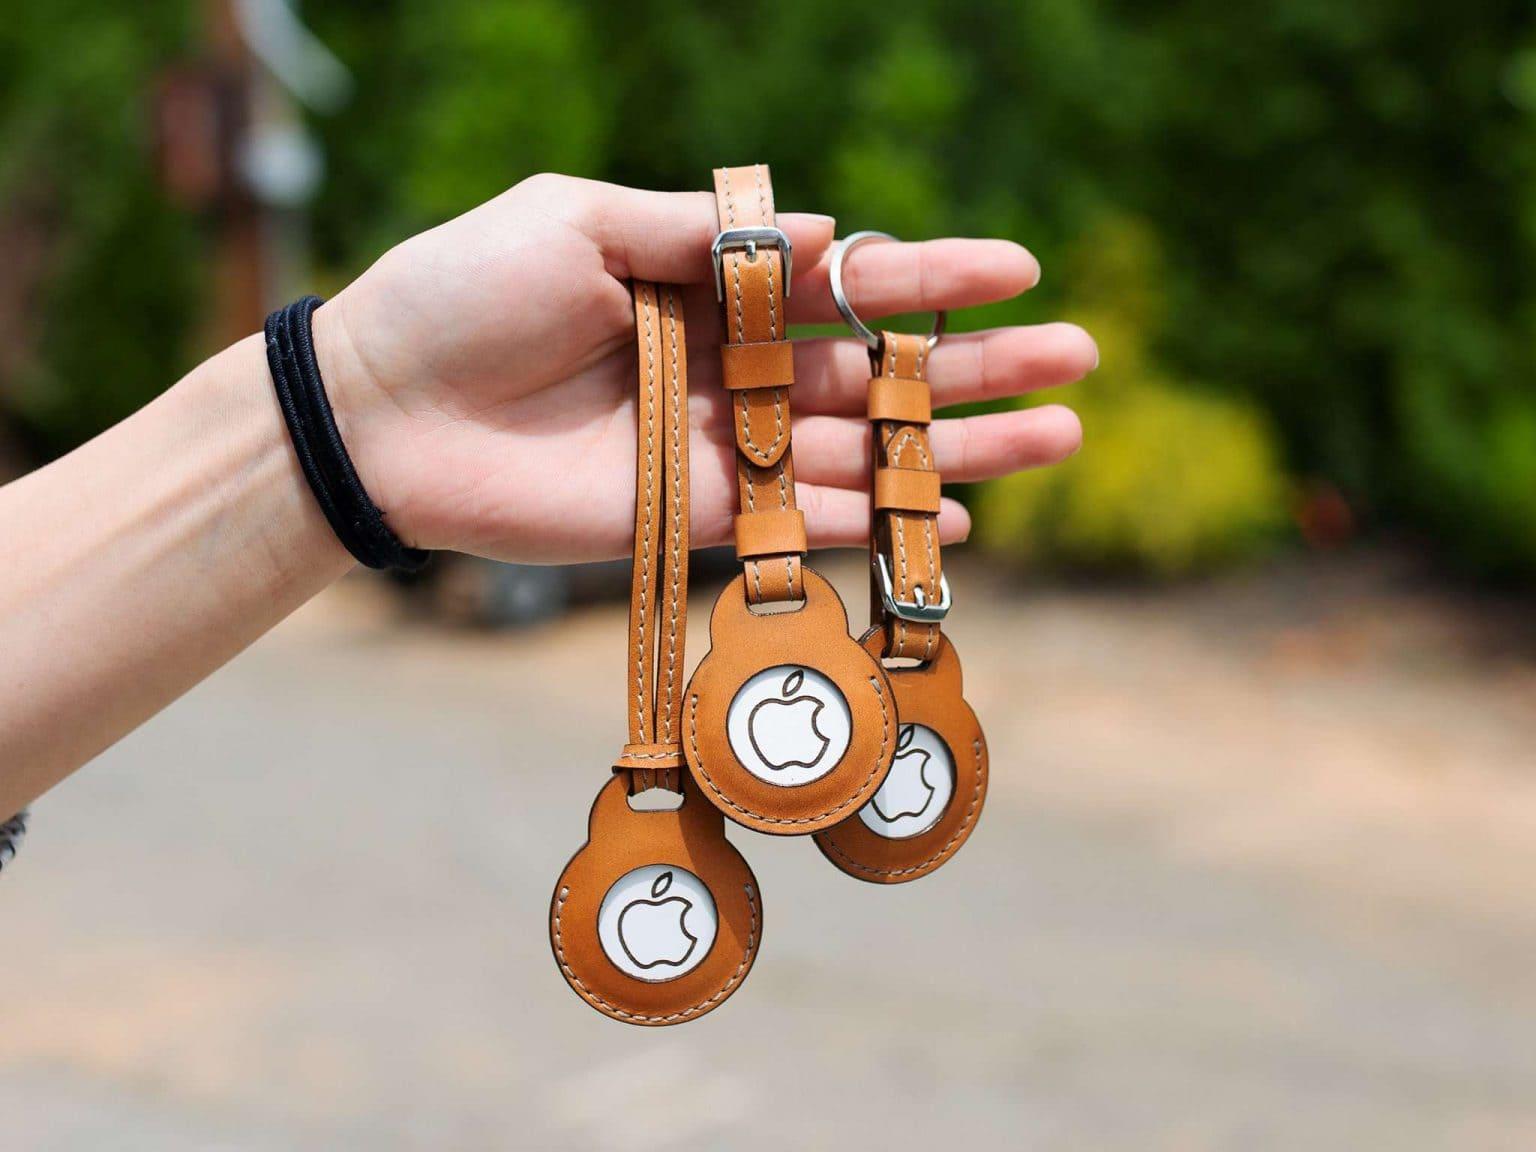 Olpr AirTag accessories